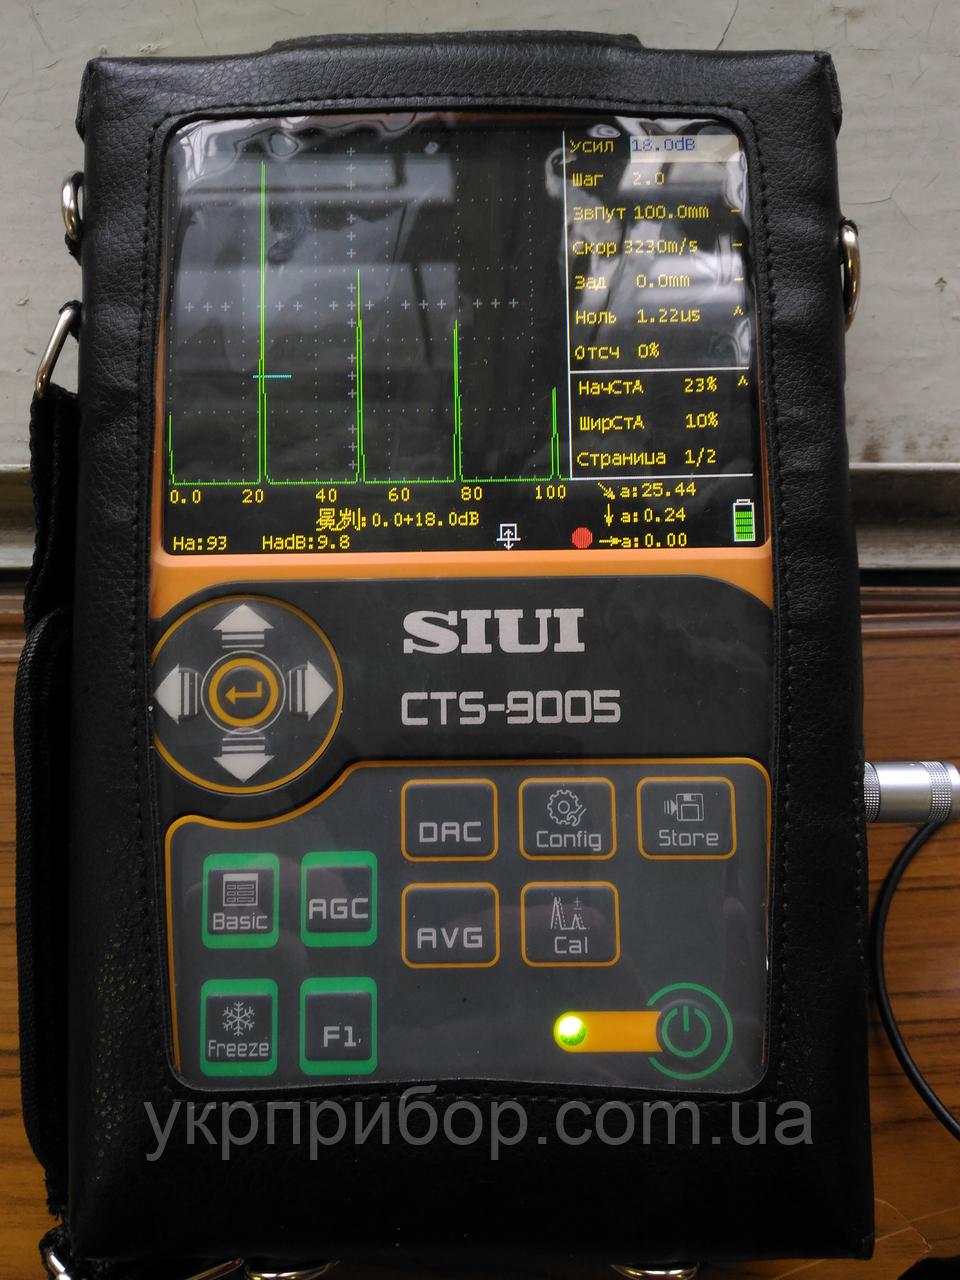 Ультразвуковой дефектоскоп SIUI CTS-9005